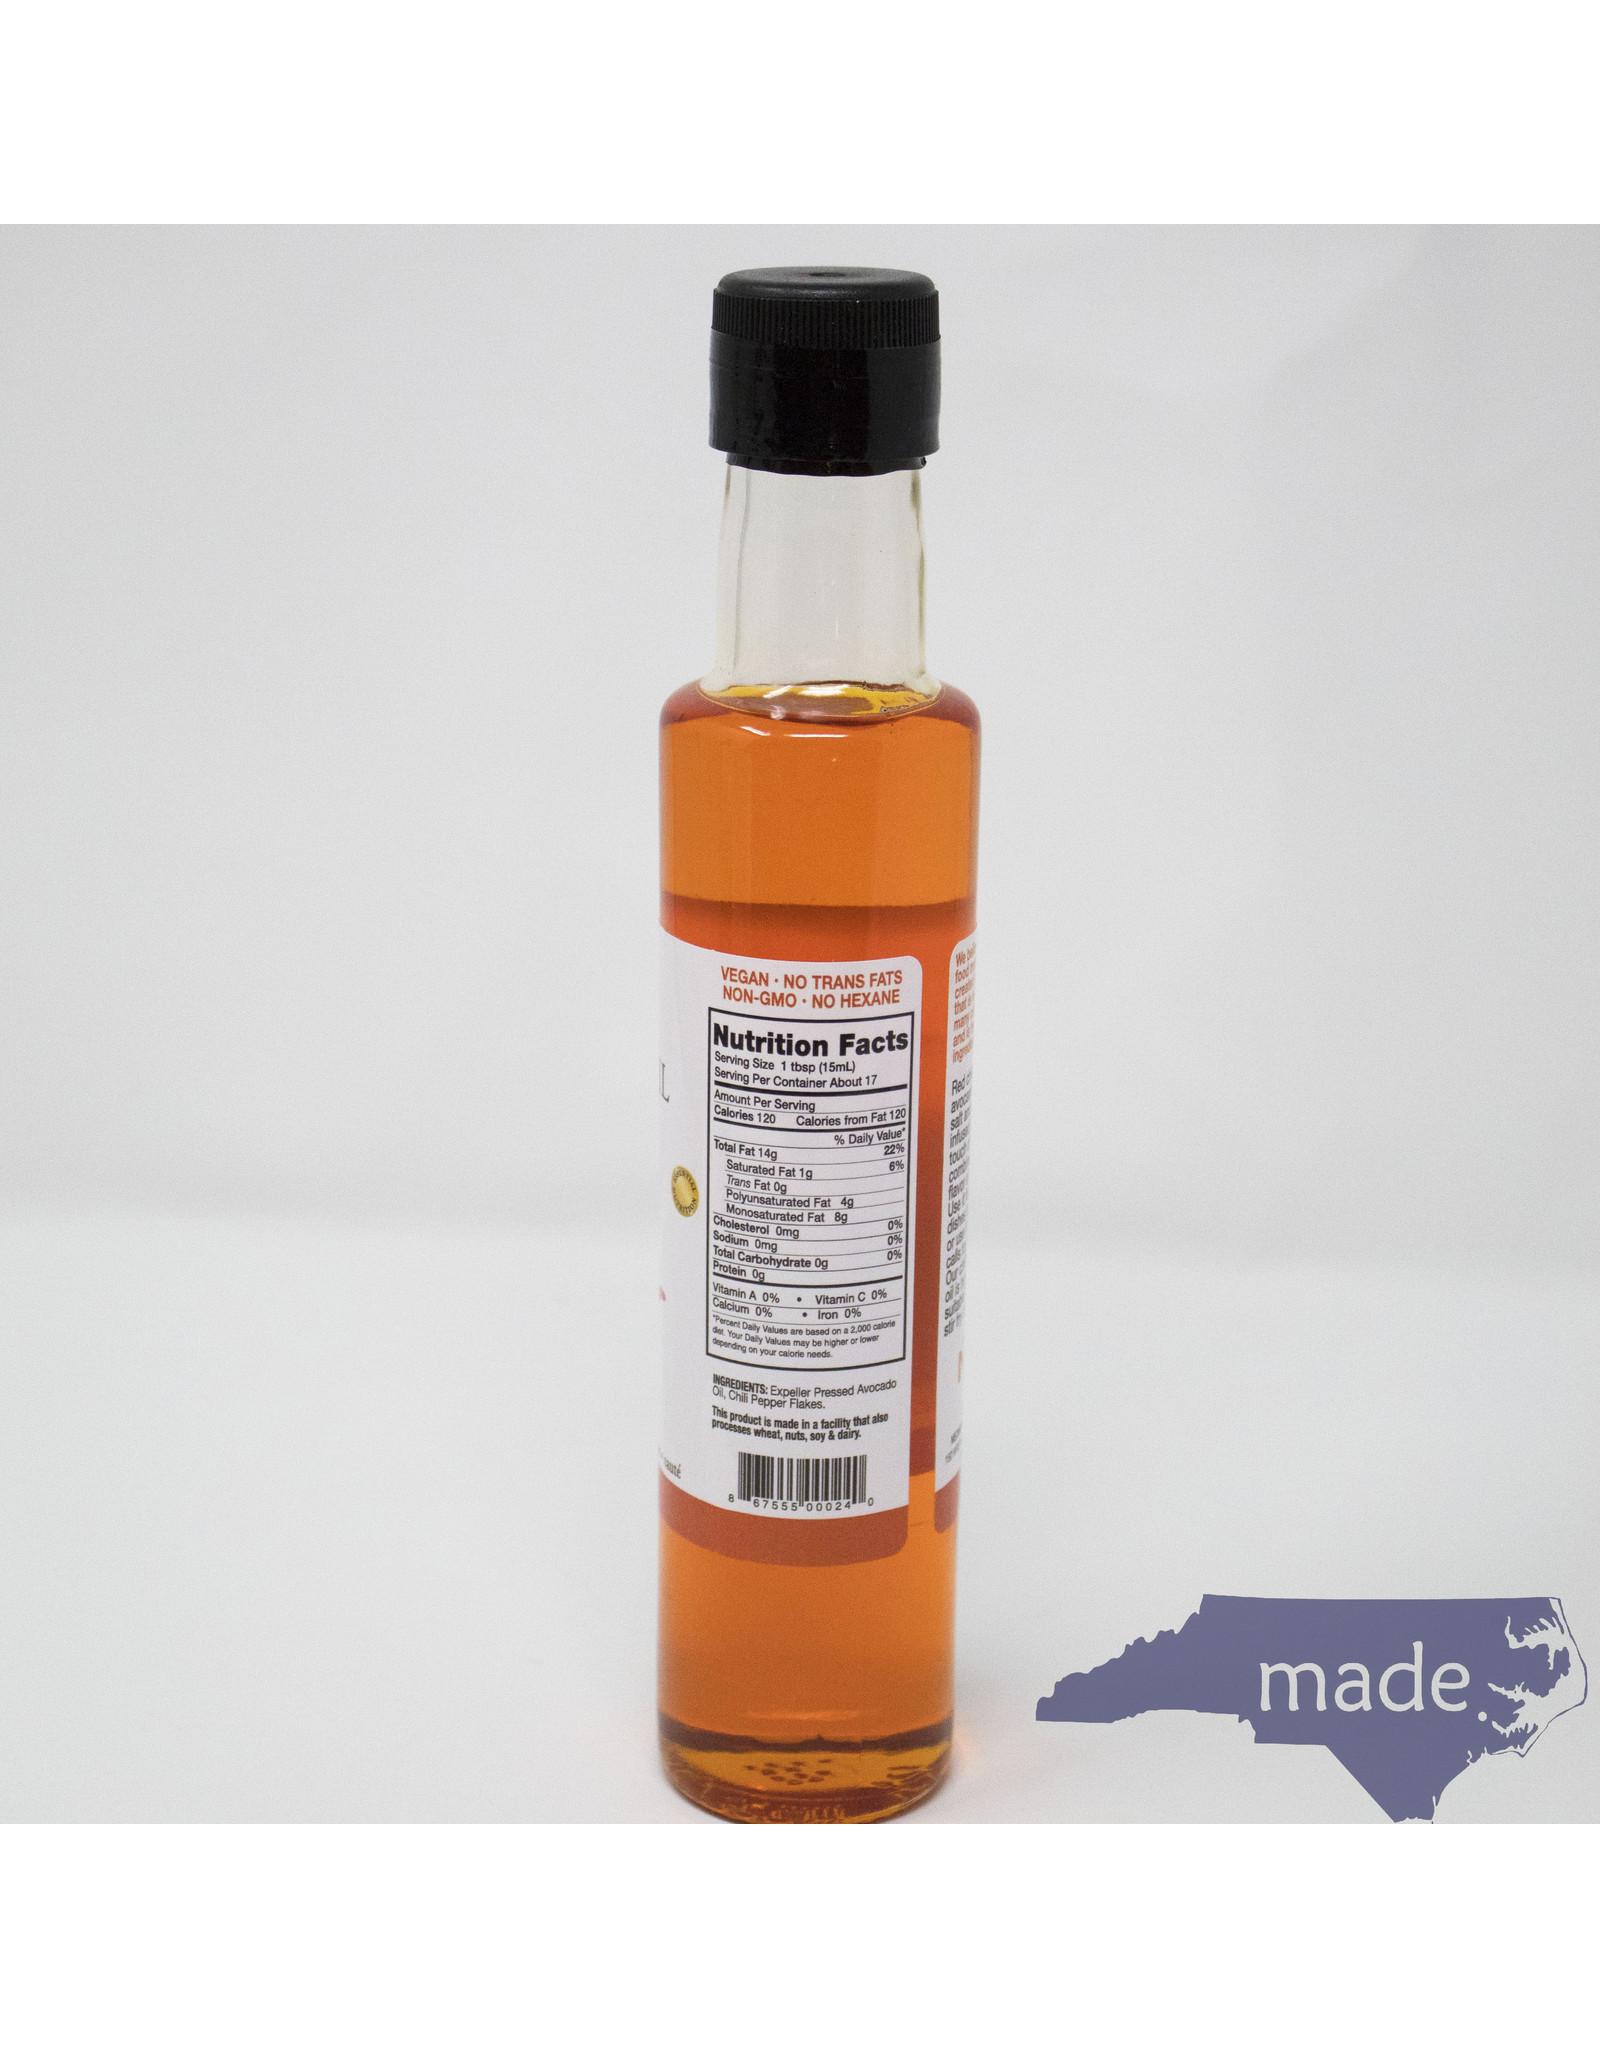 Neomega Chili Pepper Avocado Oil 8.5 oz. - Neomega